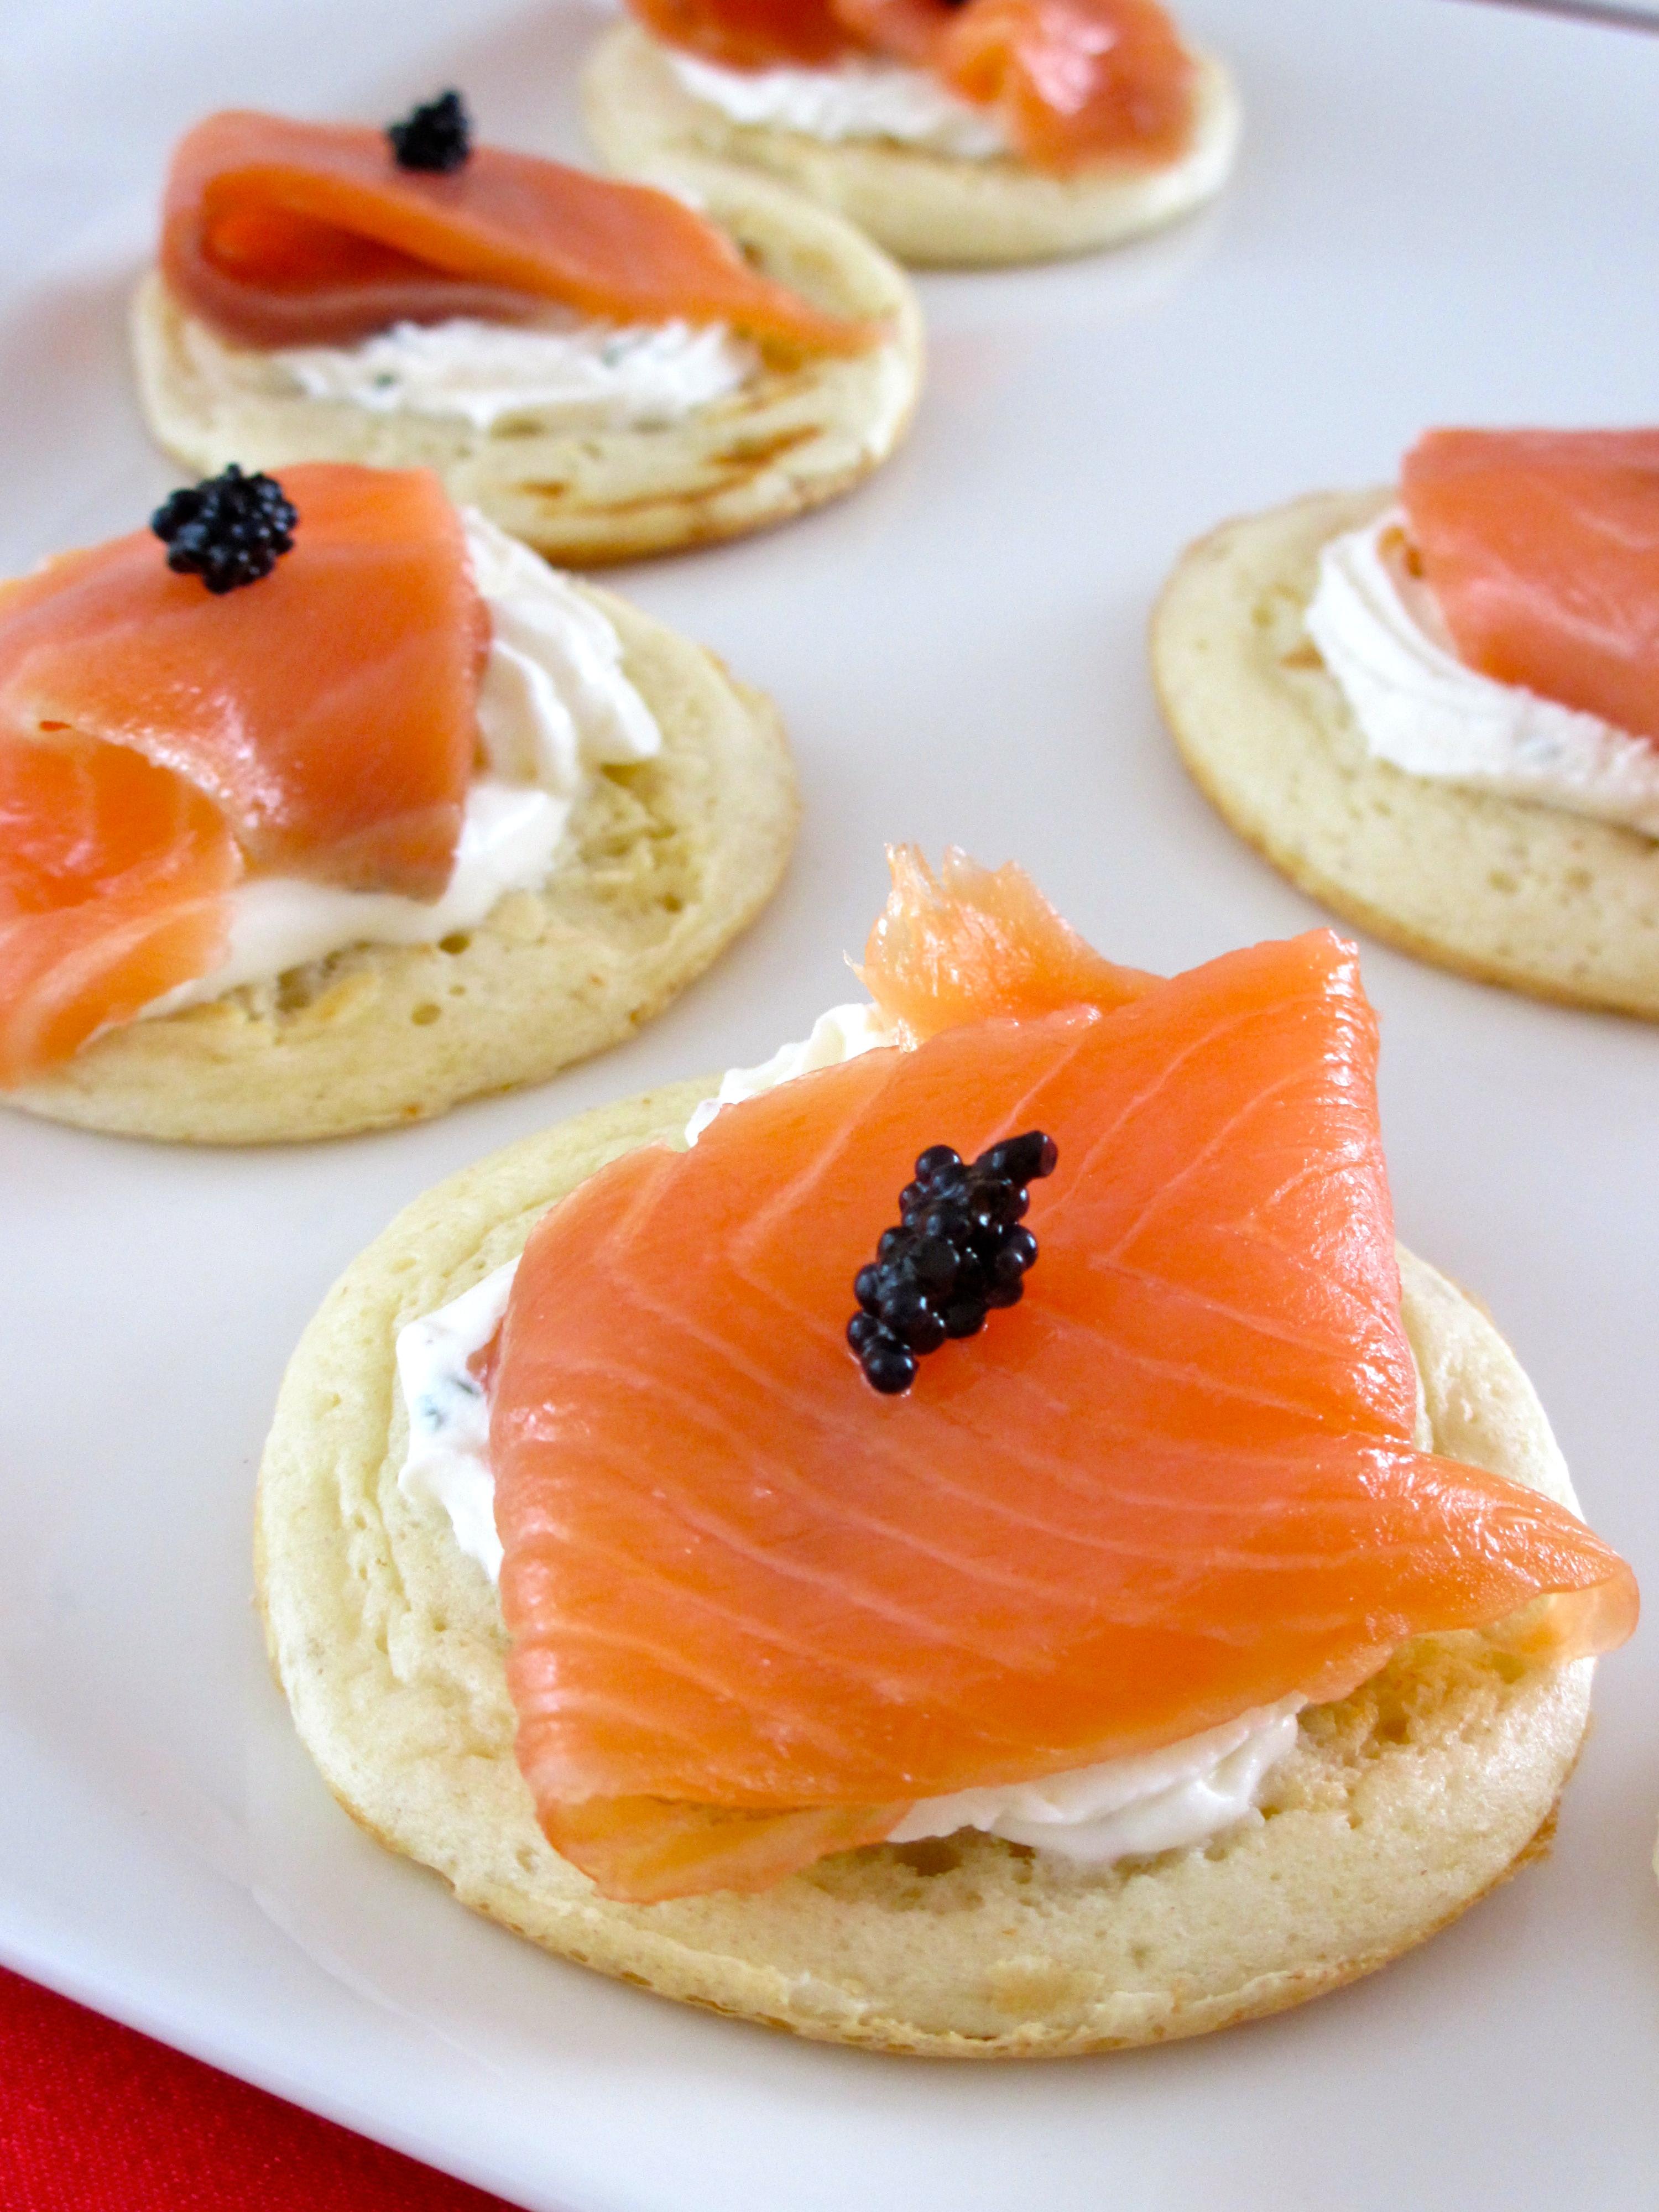 Blinis au saumon diet d lices recettes diet tiques for Canape au saumon